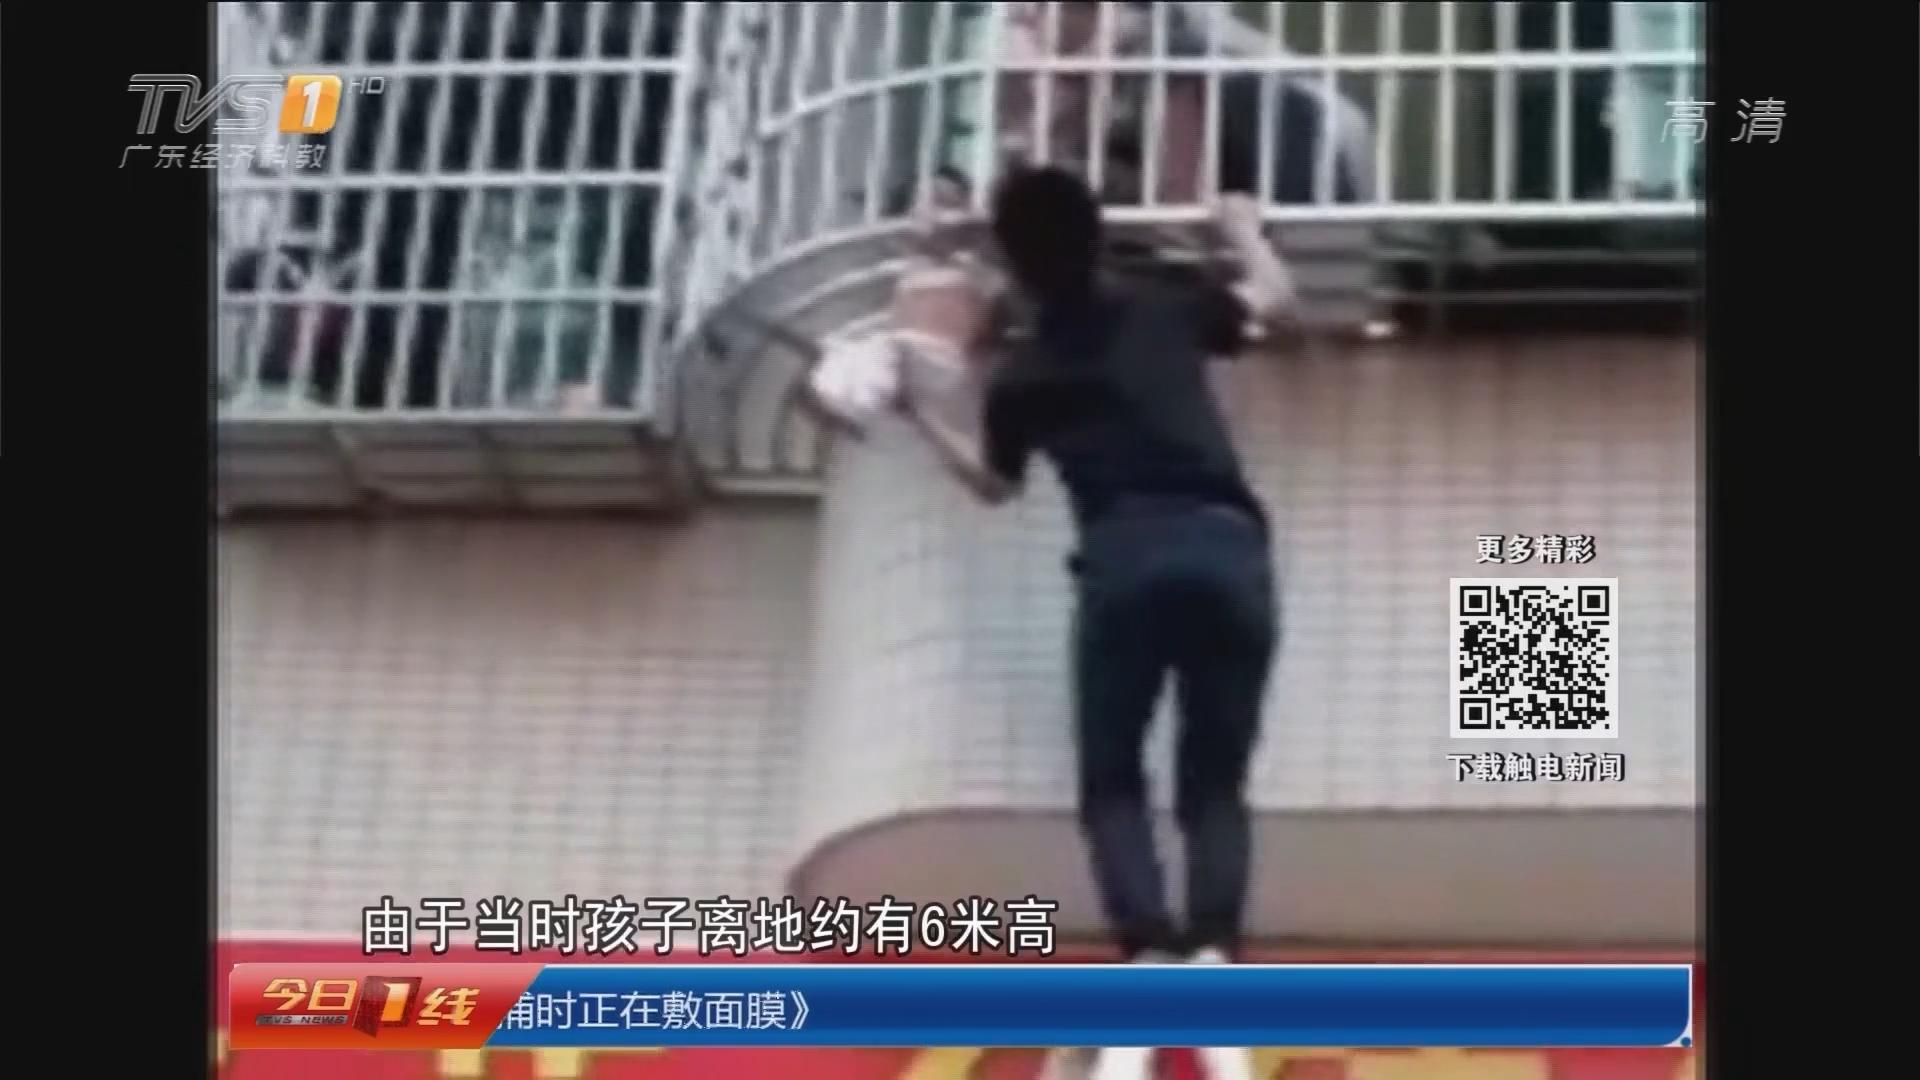 惠州:2岁女童命悬半空 热心街坊出手相助